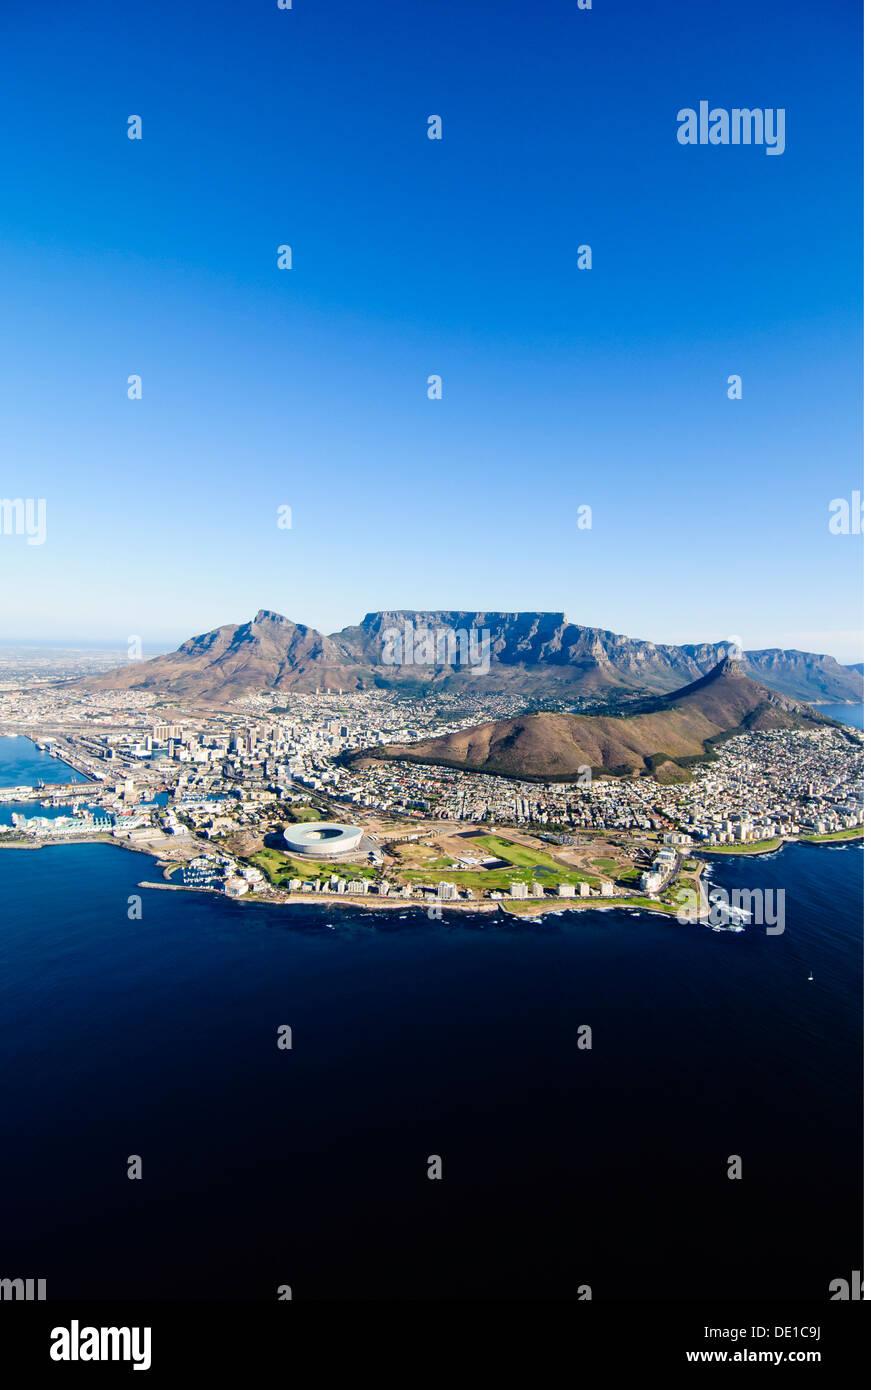 Geographie/Reisen, Südafrika, Kapstadt, Luftbild, Additional-Rights - Clearance-Info - Not-Available Stockbild